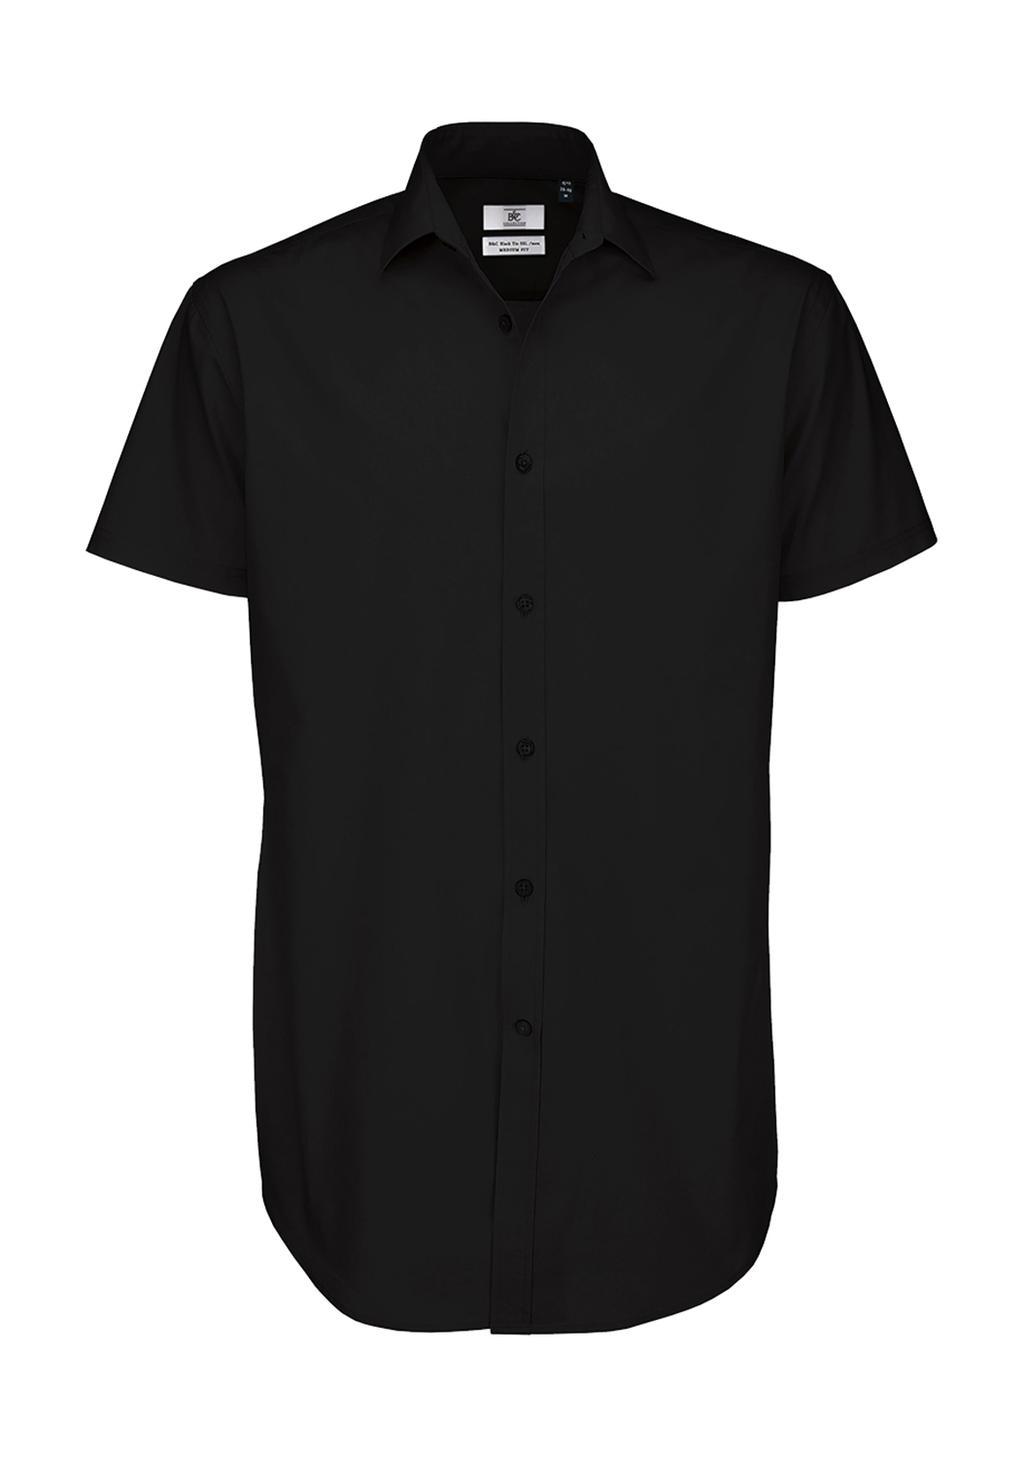 Pánská popelínová košile Black Tie SSL/men - zvìtšit obrázek